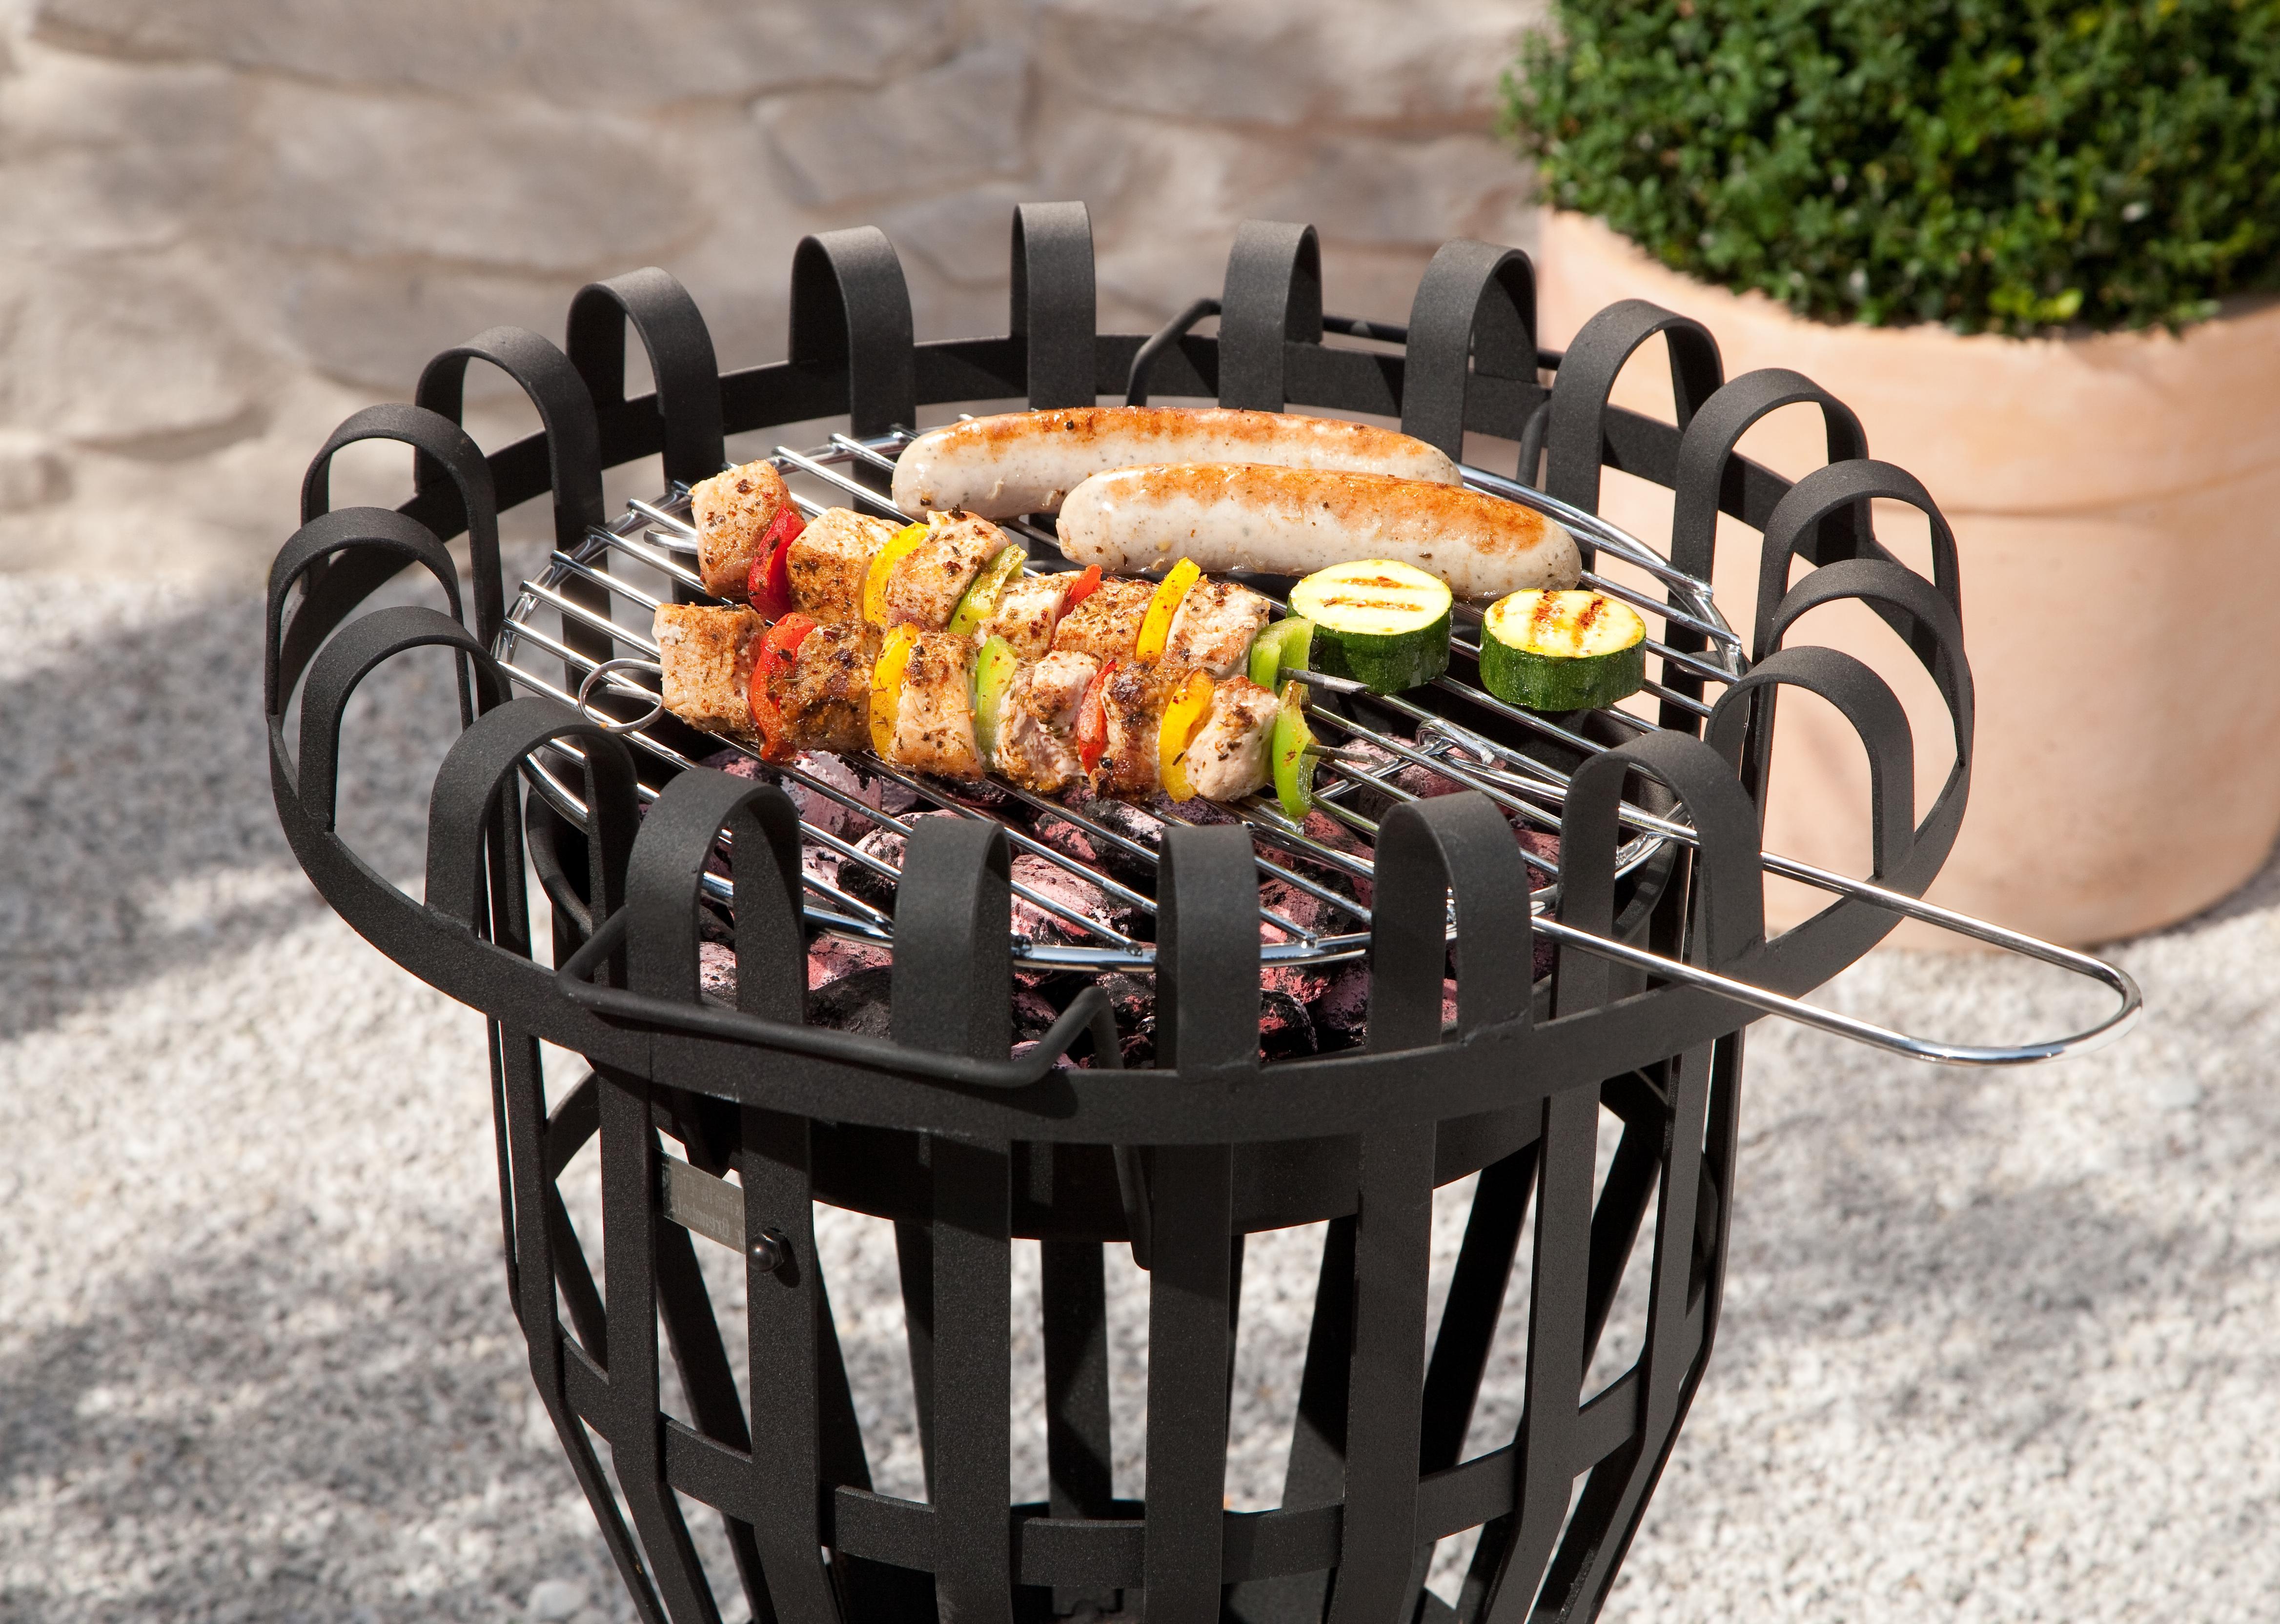 grill feuerkorb kohlebecken und grillrost feuerstelle. Black Bedroom Furniture Sets. Home Design Ideas